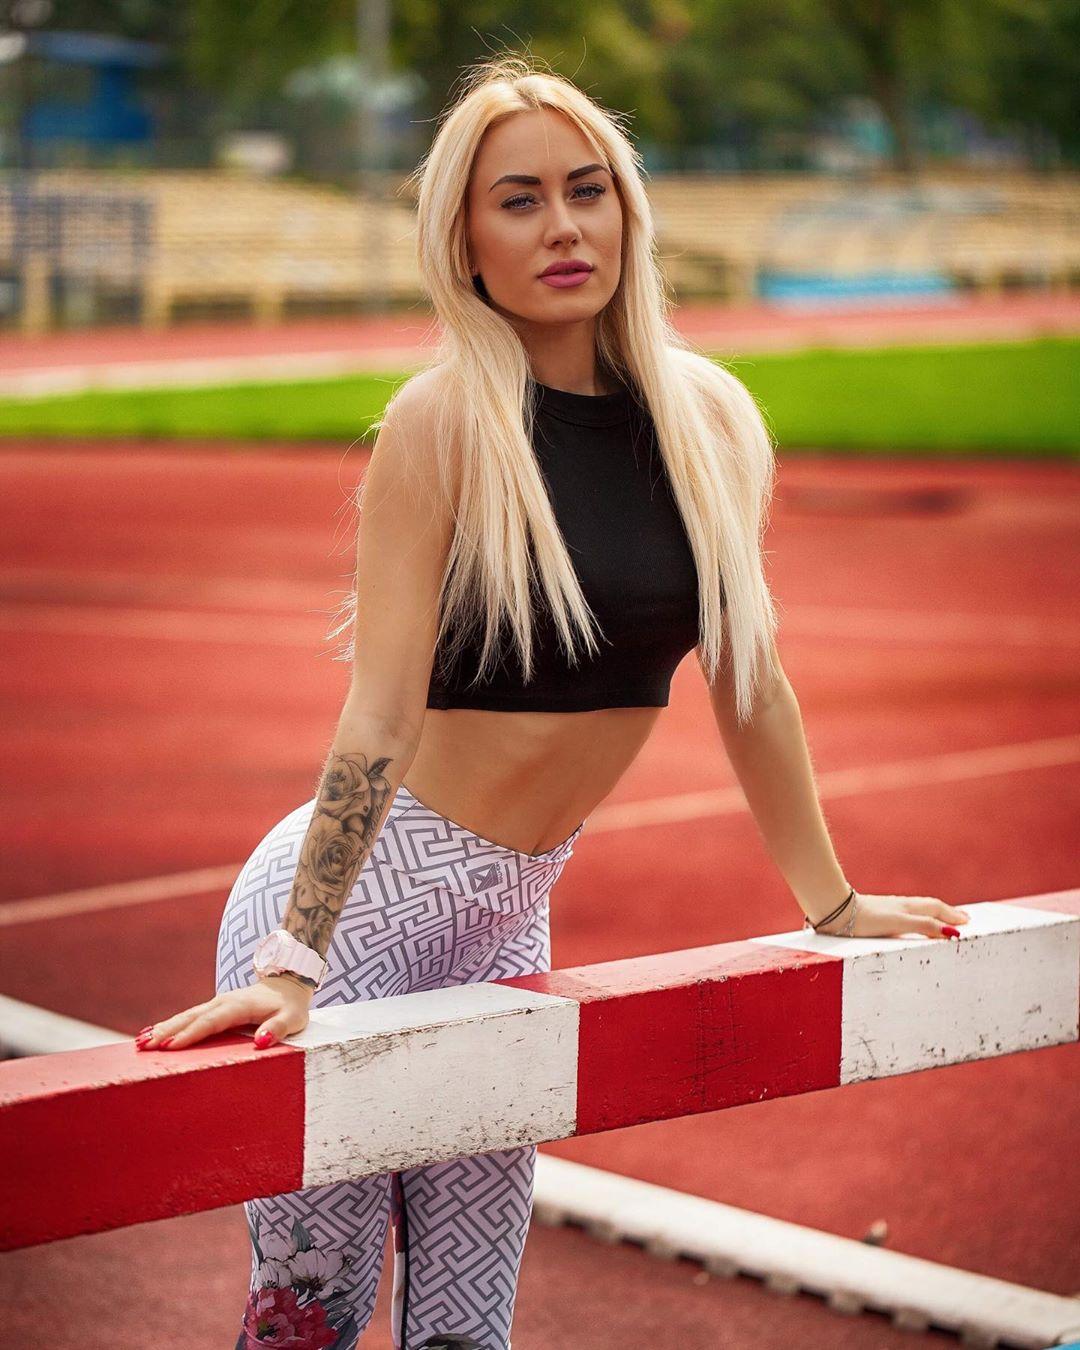 Adrianna-Strzalka-Wallpapers-Insta-Fit-Bio-4